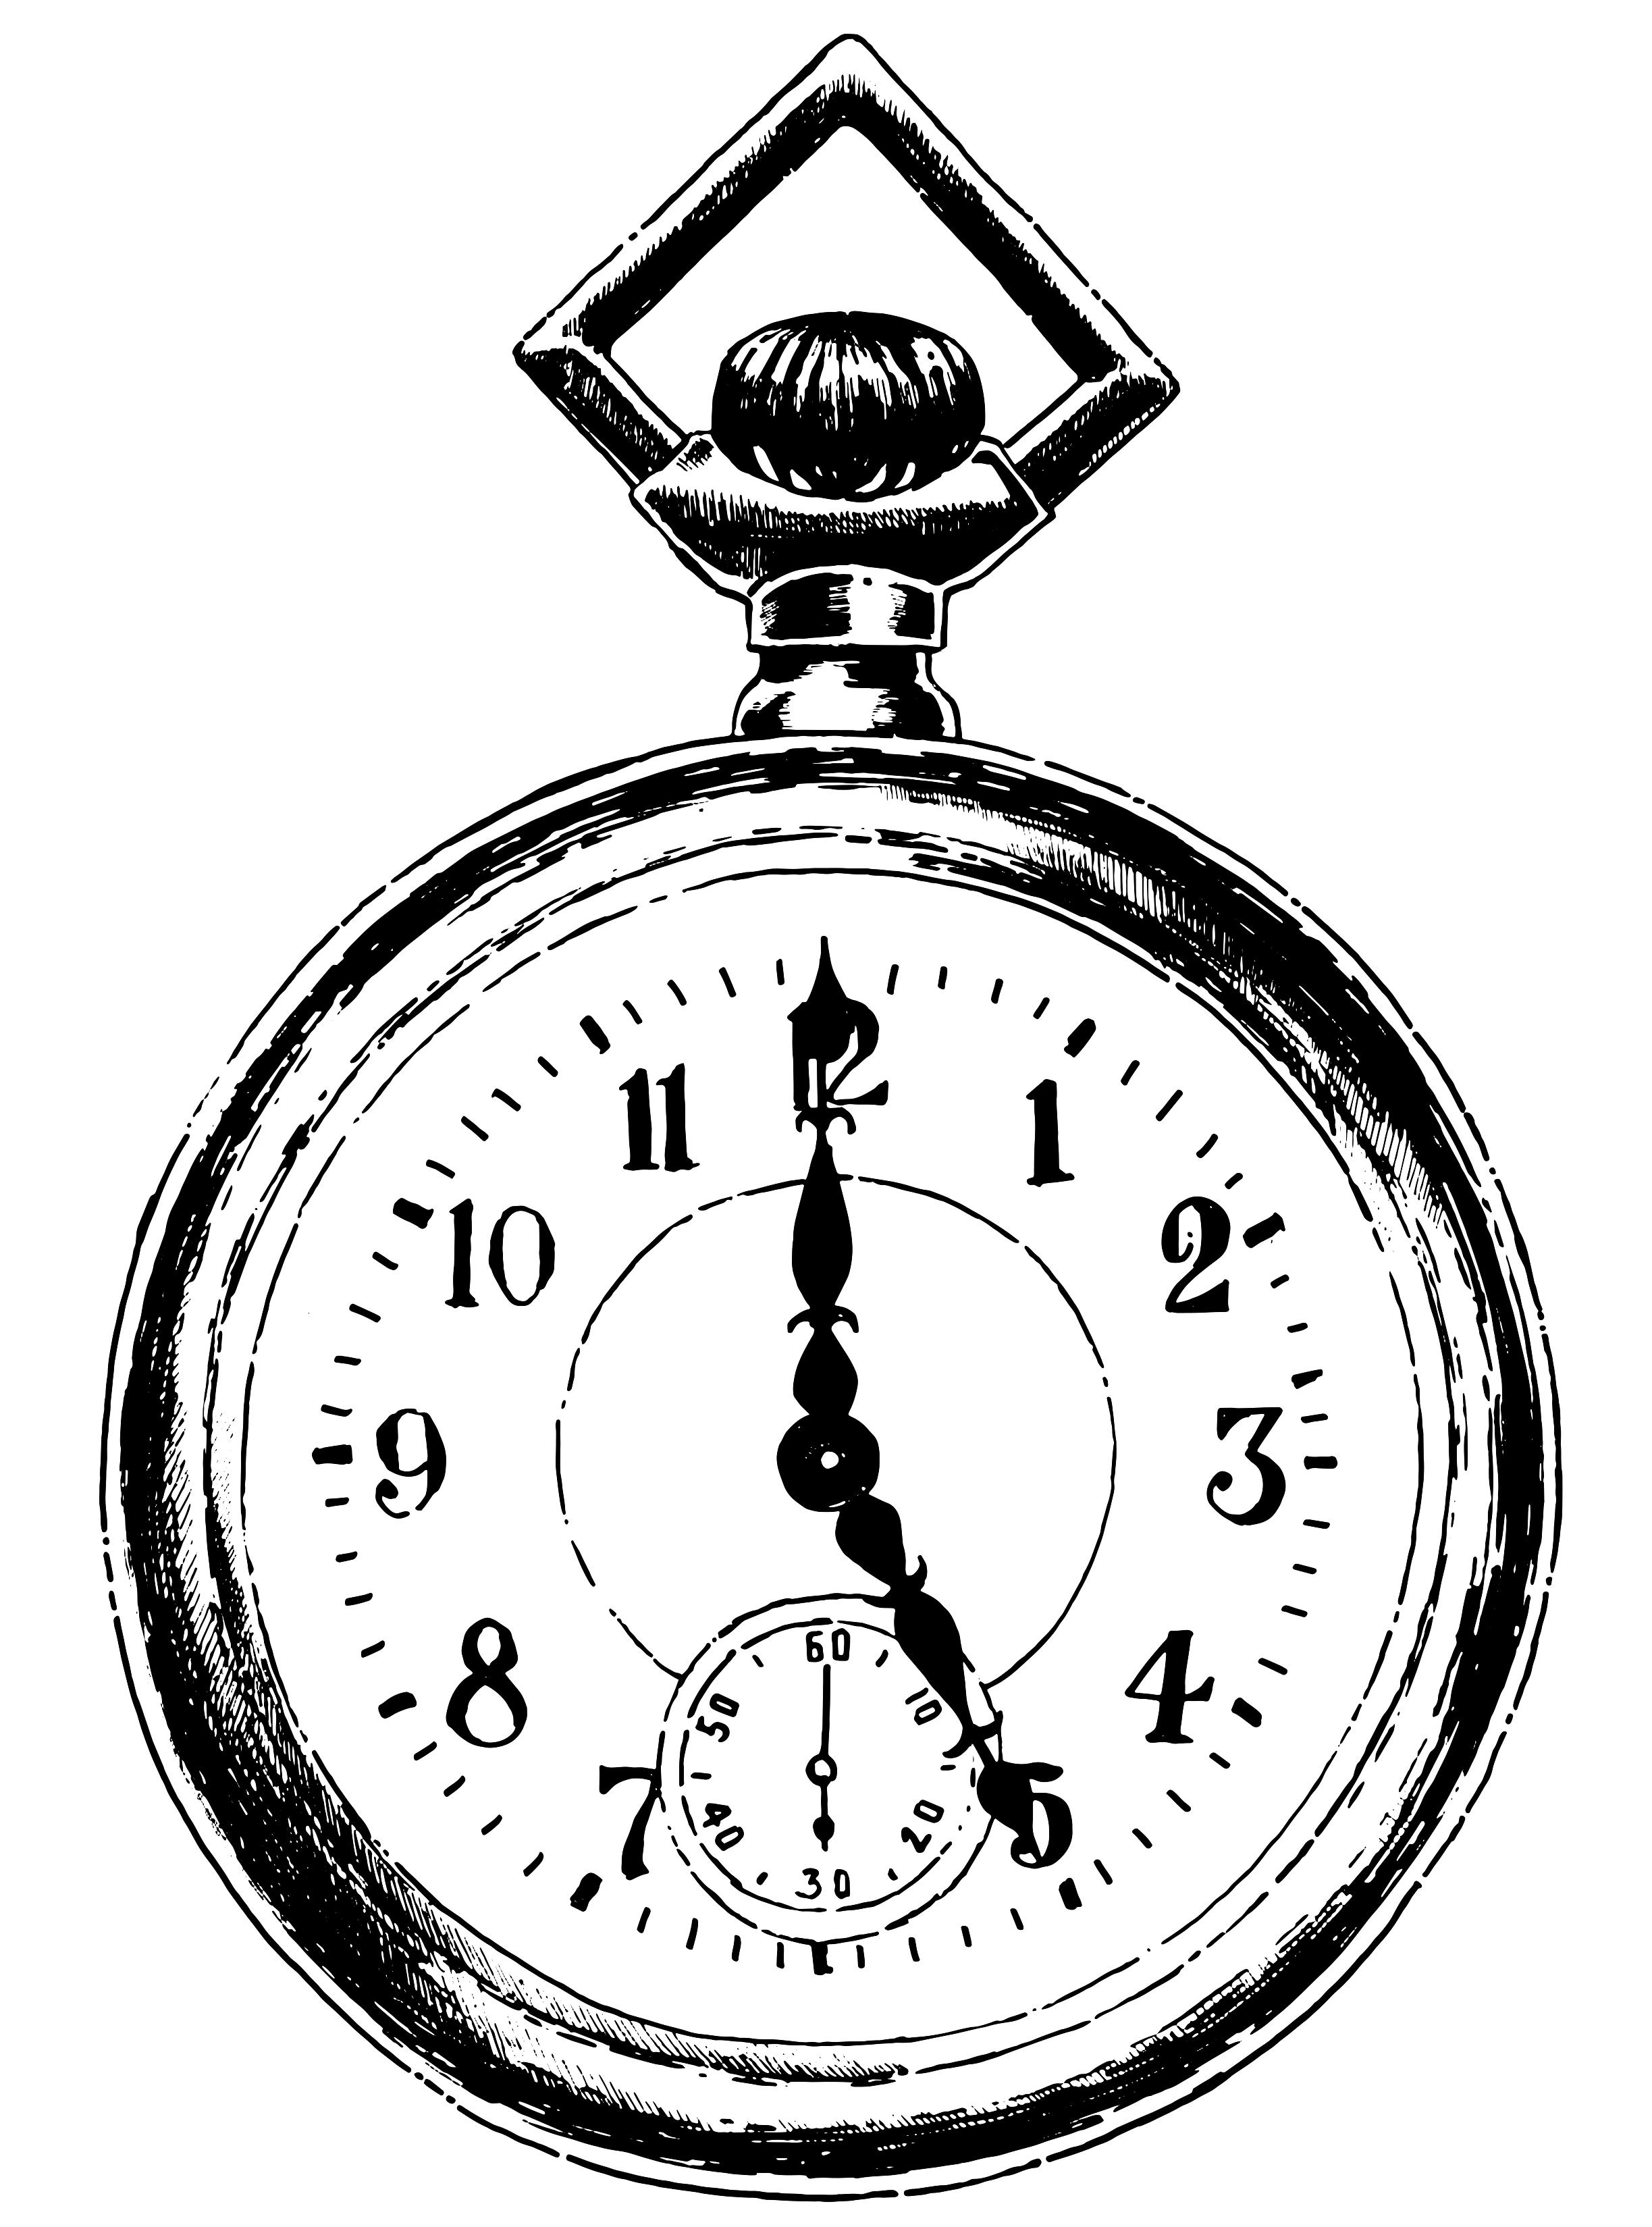 Vect_Clock.jpg.png